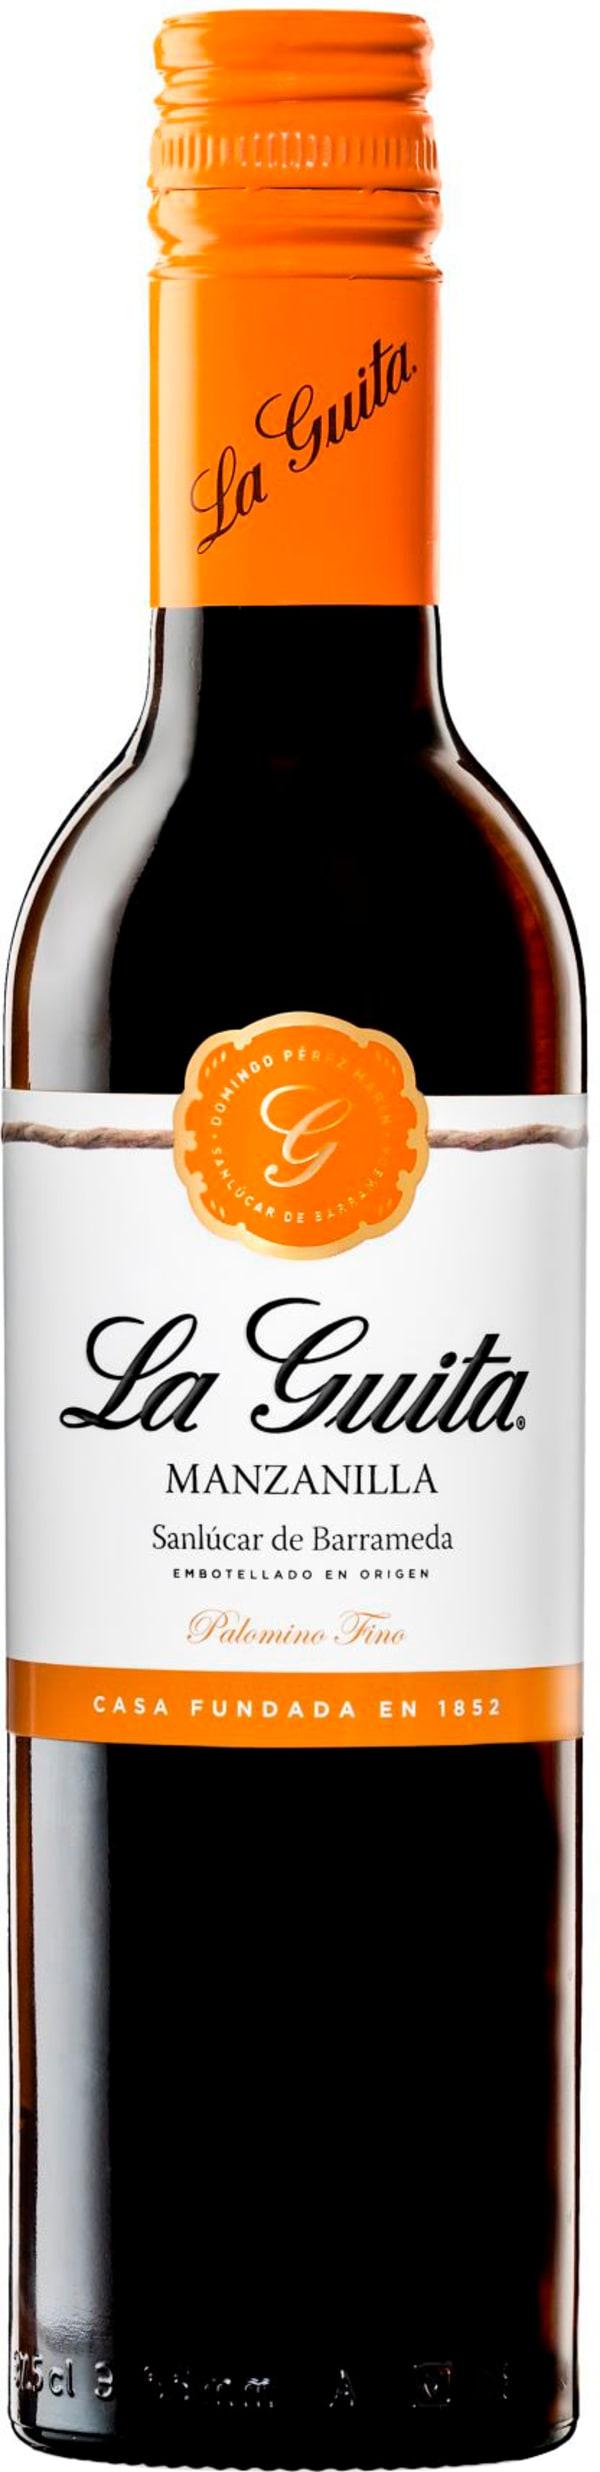 La Guita Manzanilla Sherry